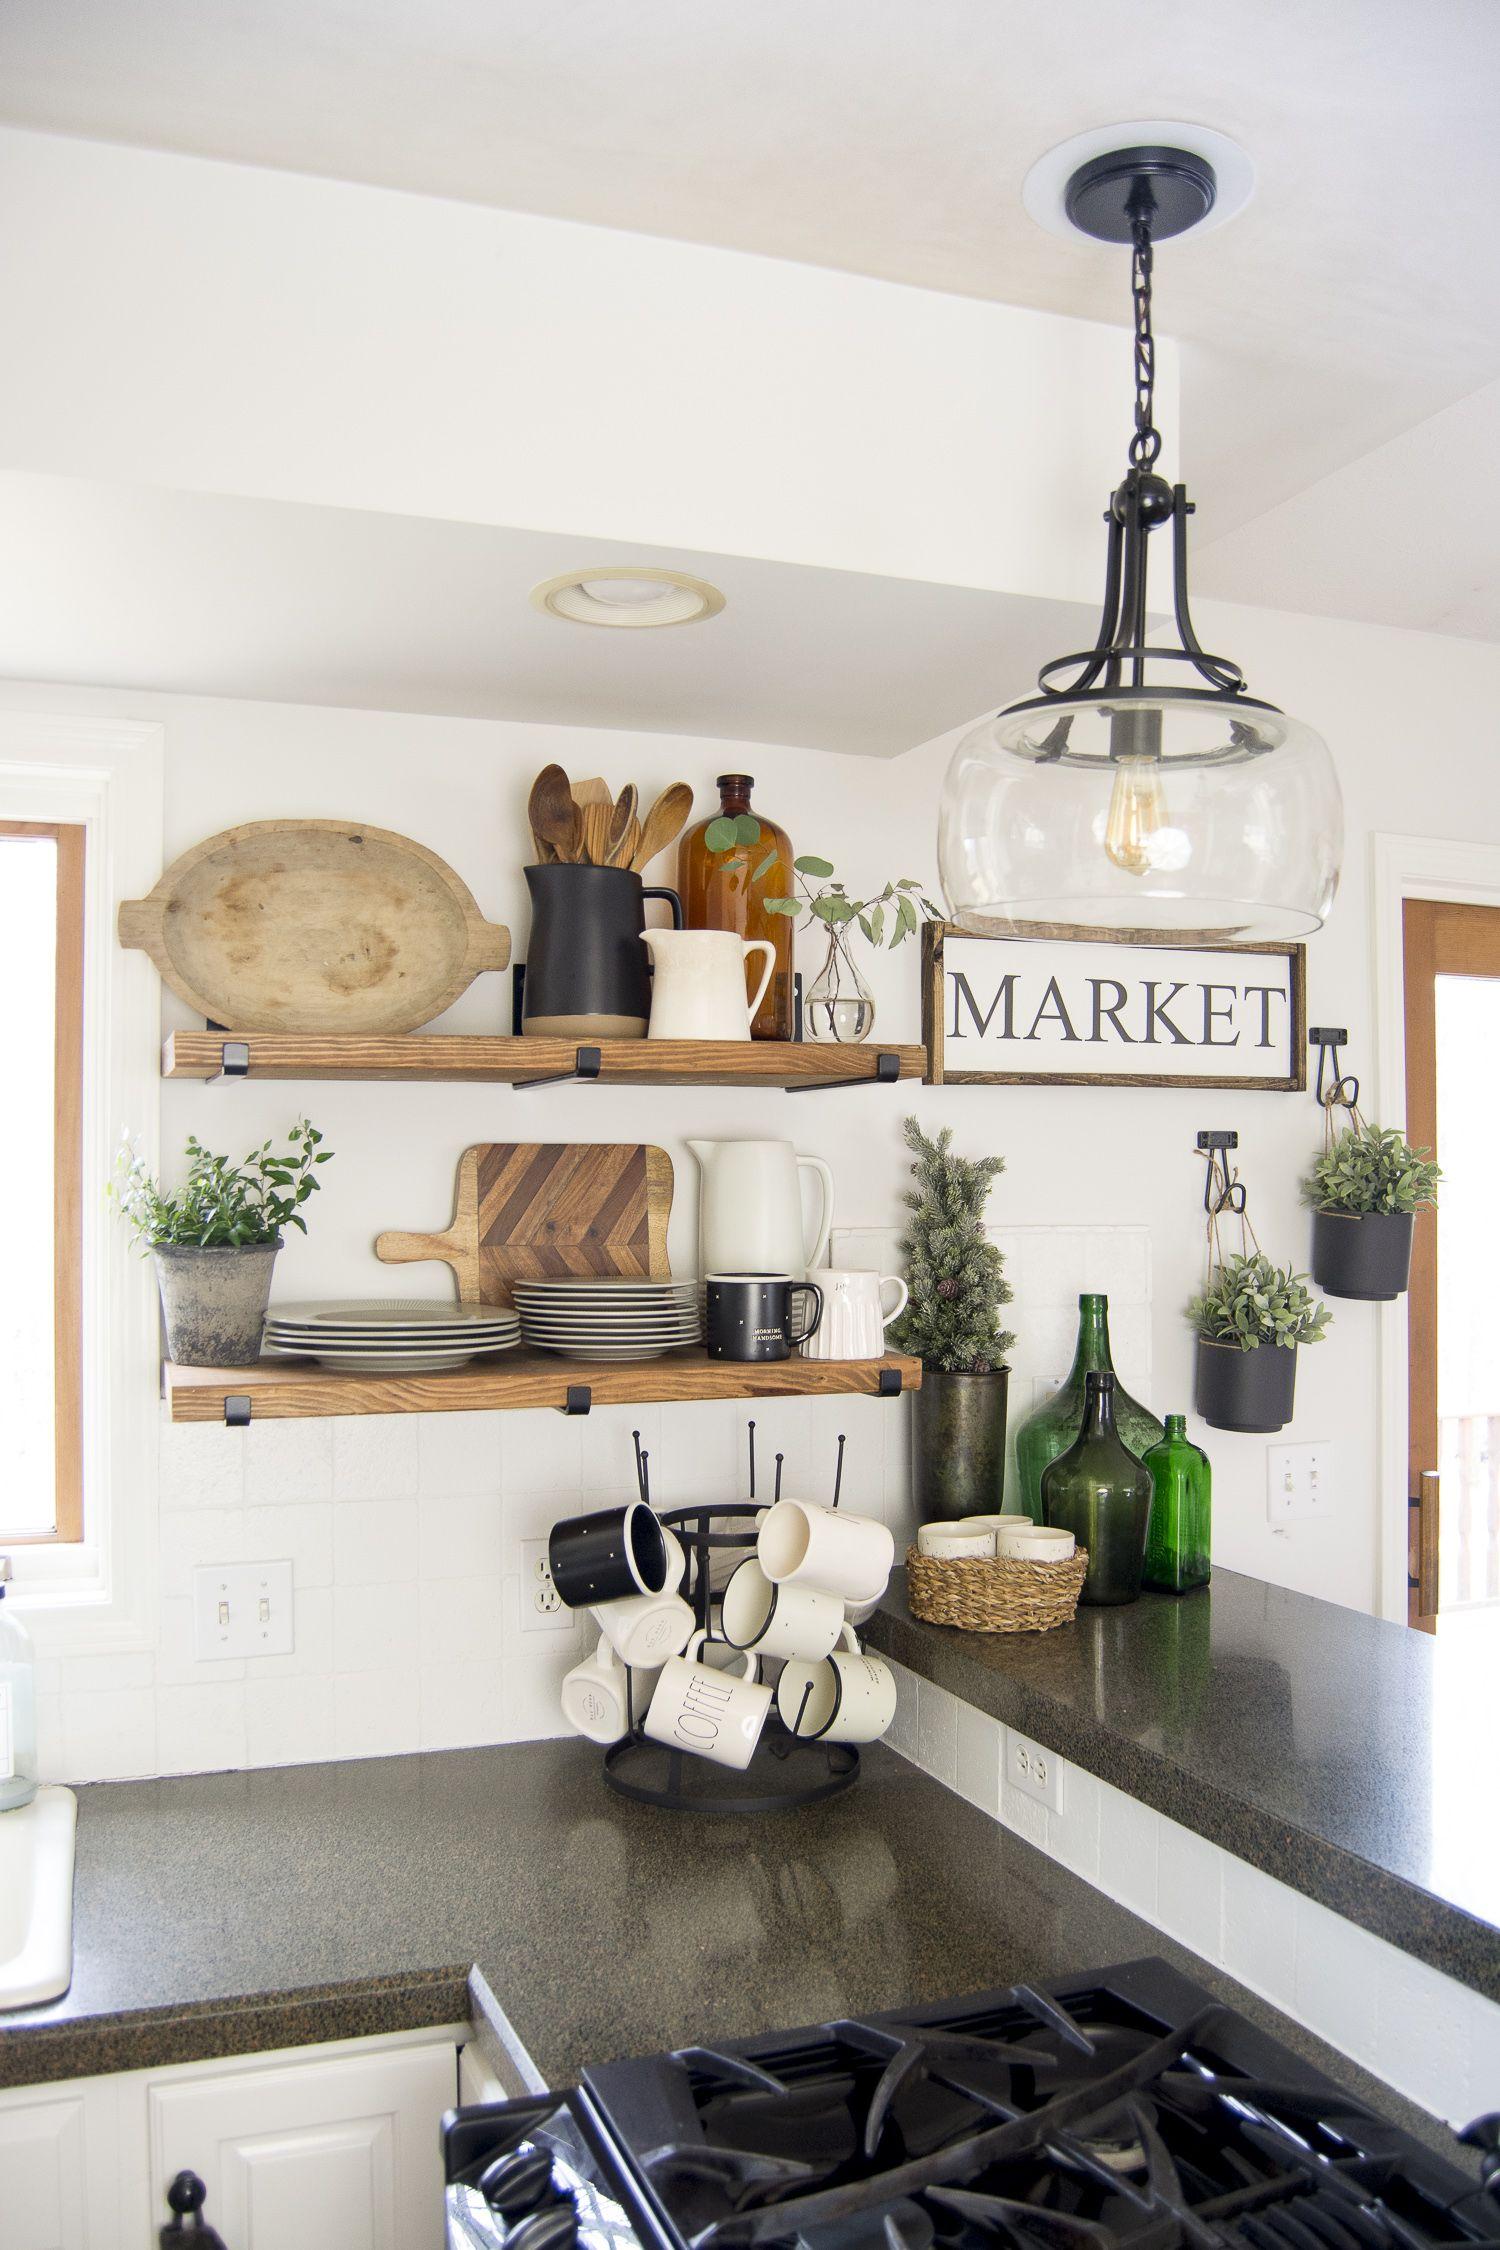 kitchen open shelving home decor kitchen farmhouse kitchen decor cottage style bathrooms on farmhouse kitchen open shelves id=17502